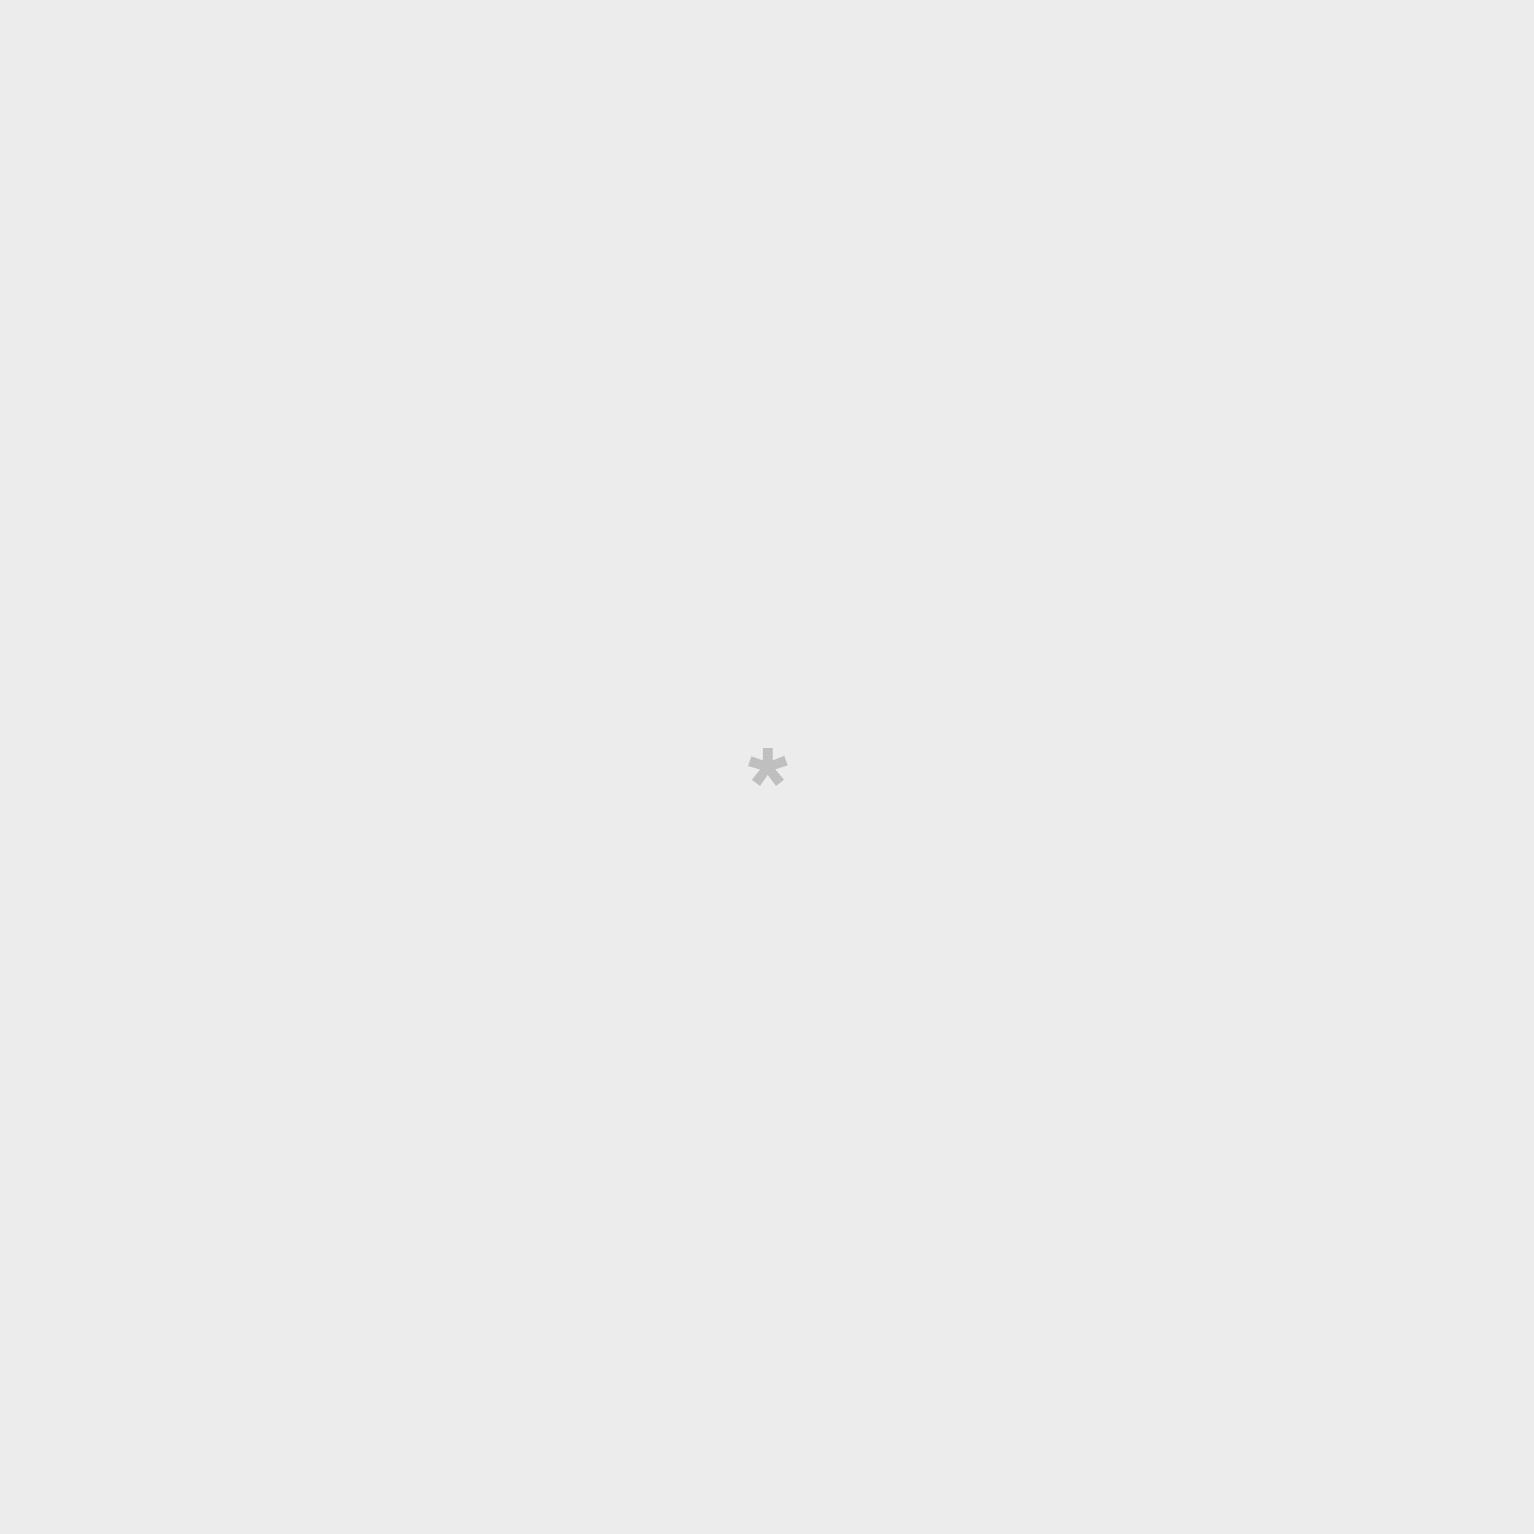 Kit de agenda clássica 2021-2022 semanal - Aqui começam as minhas grandes conquistas